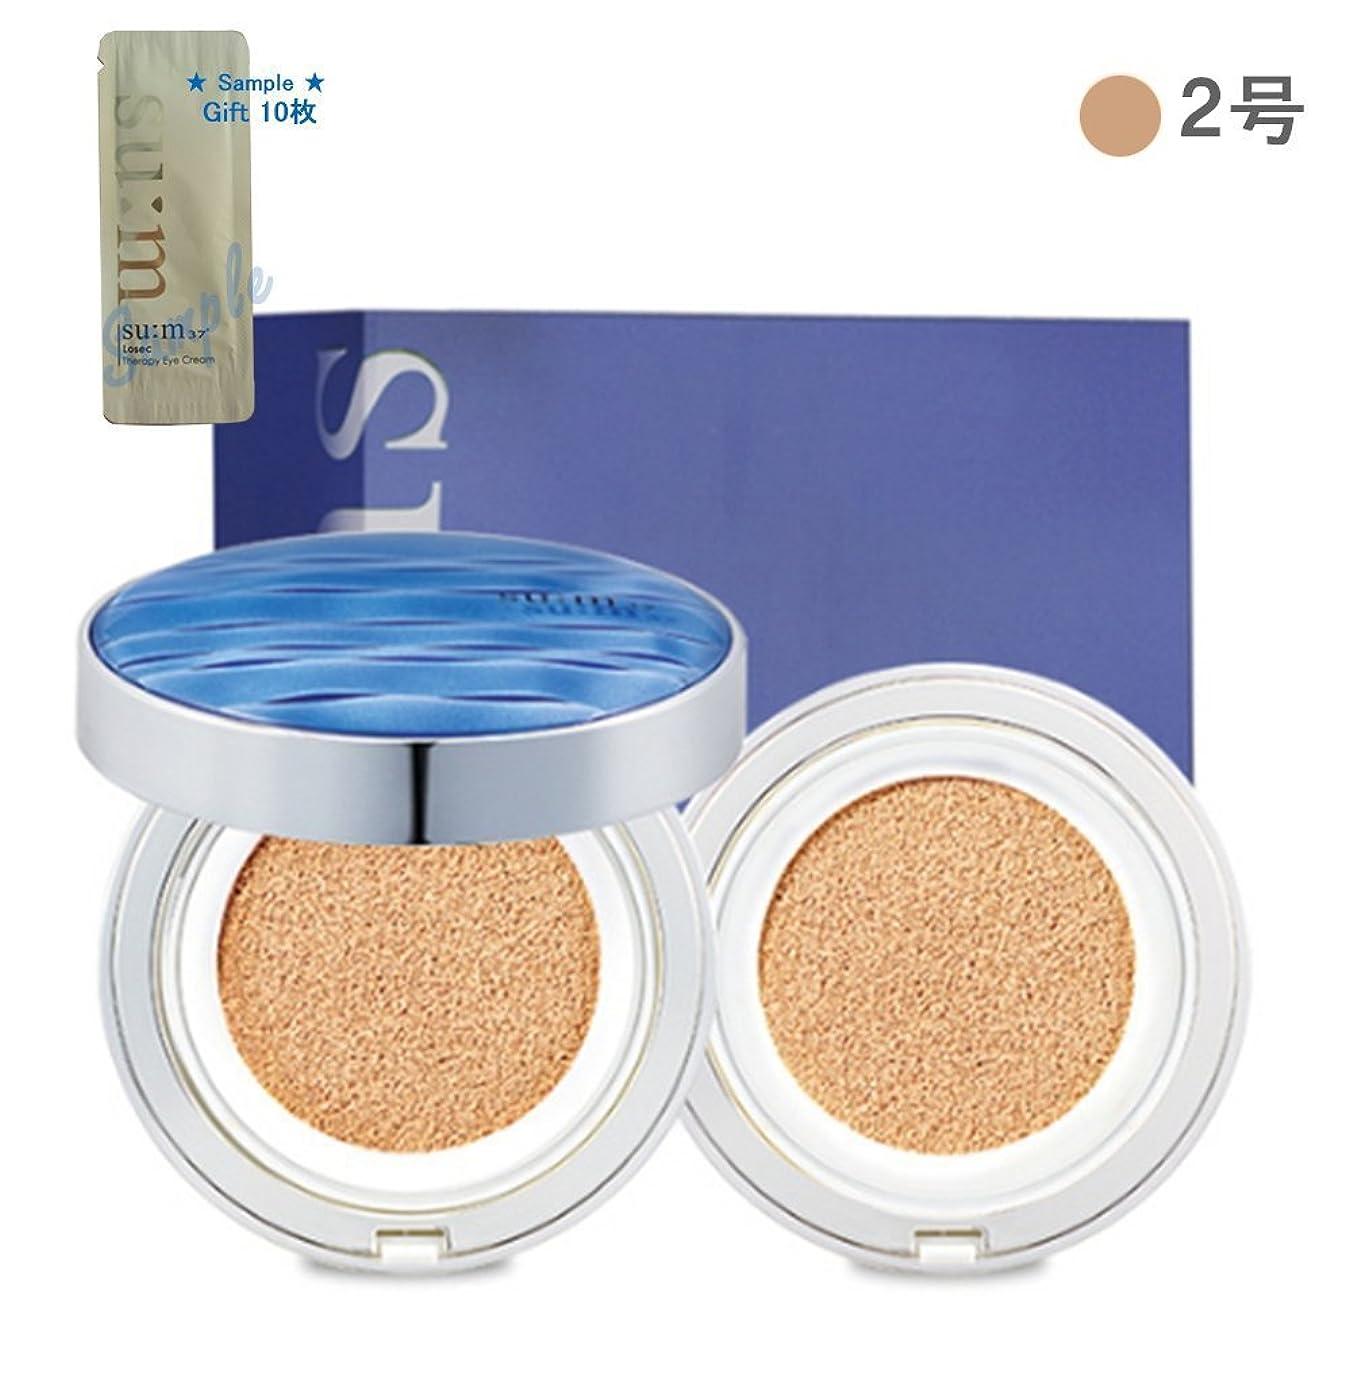 認める謙虚ぜいたく[su:m37/スム37°]Water Full CC Cushion Perfect finish No. 2 (SPF50+/ PA+++) / 水プールCCクッションパーフェクトフィニッシュ2号 +[Sample Gift](海外直送品)